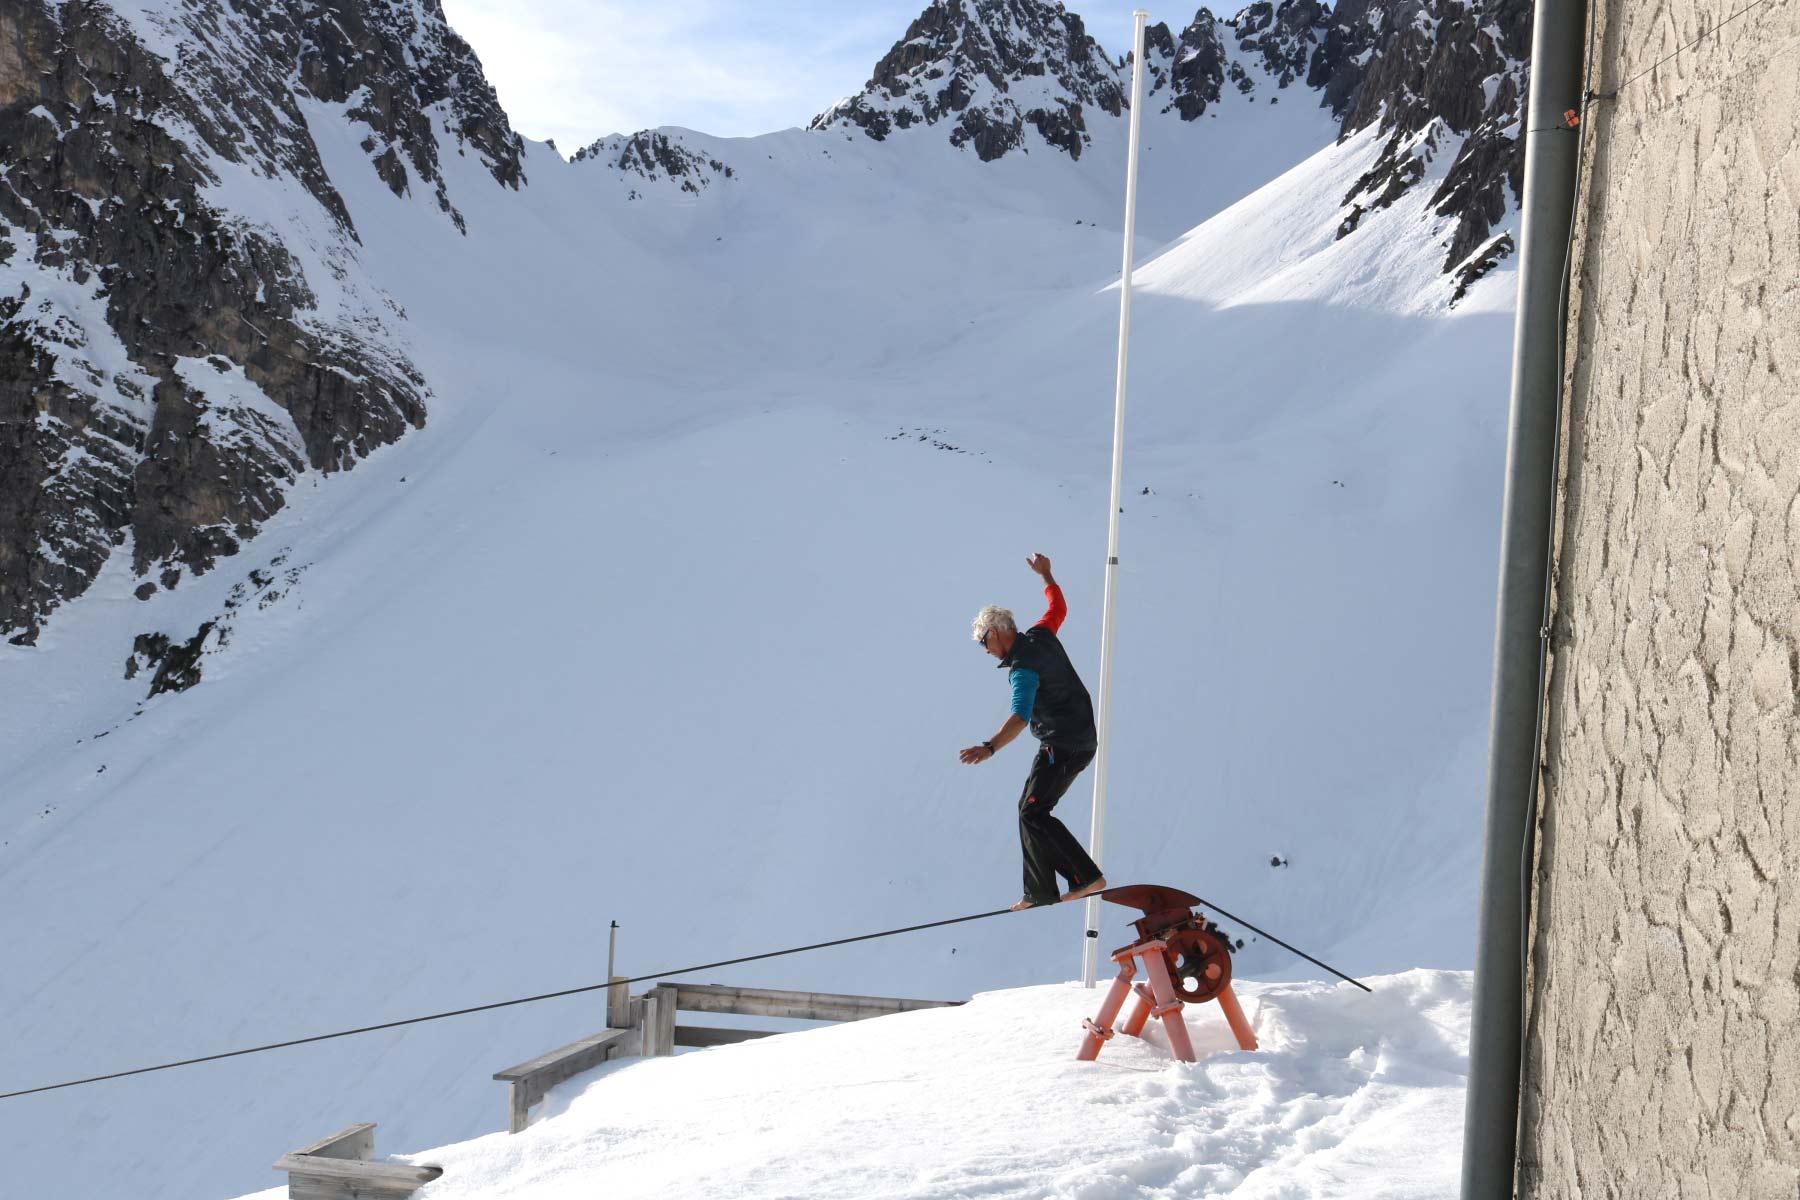 2019-skitour-lechtal-durchquerung-februar-2019-IMG_0682-644x483px